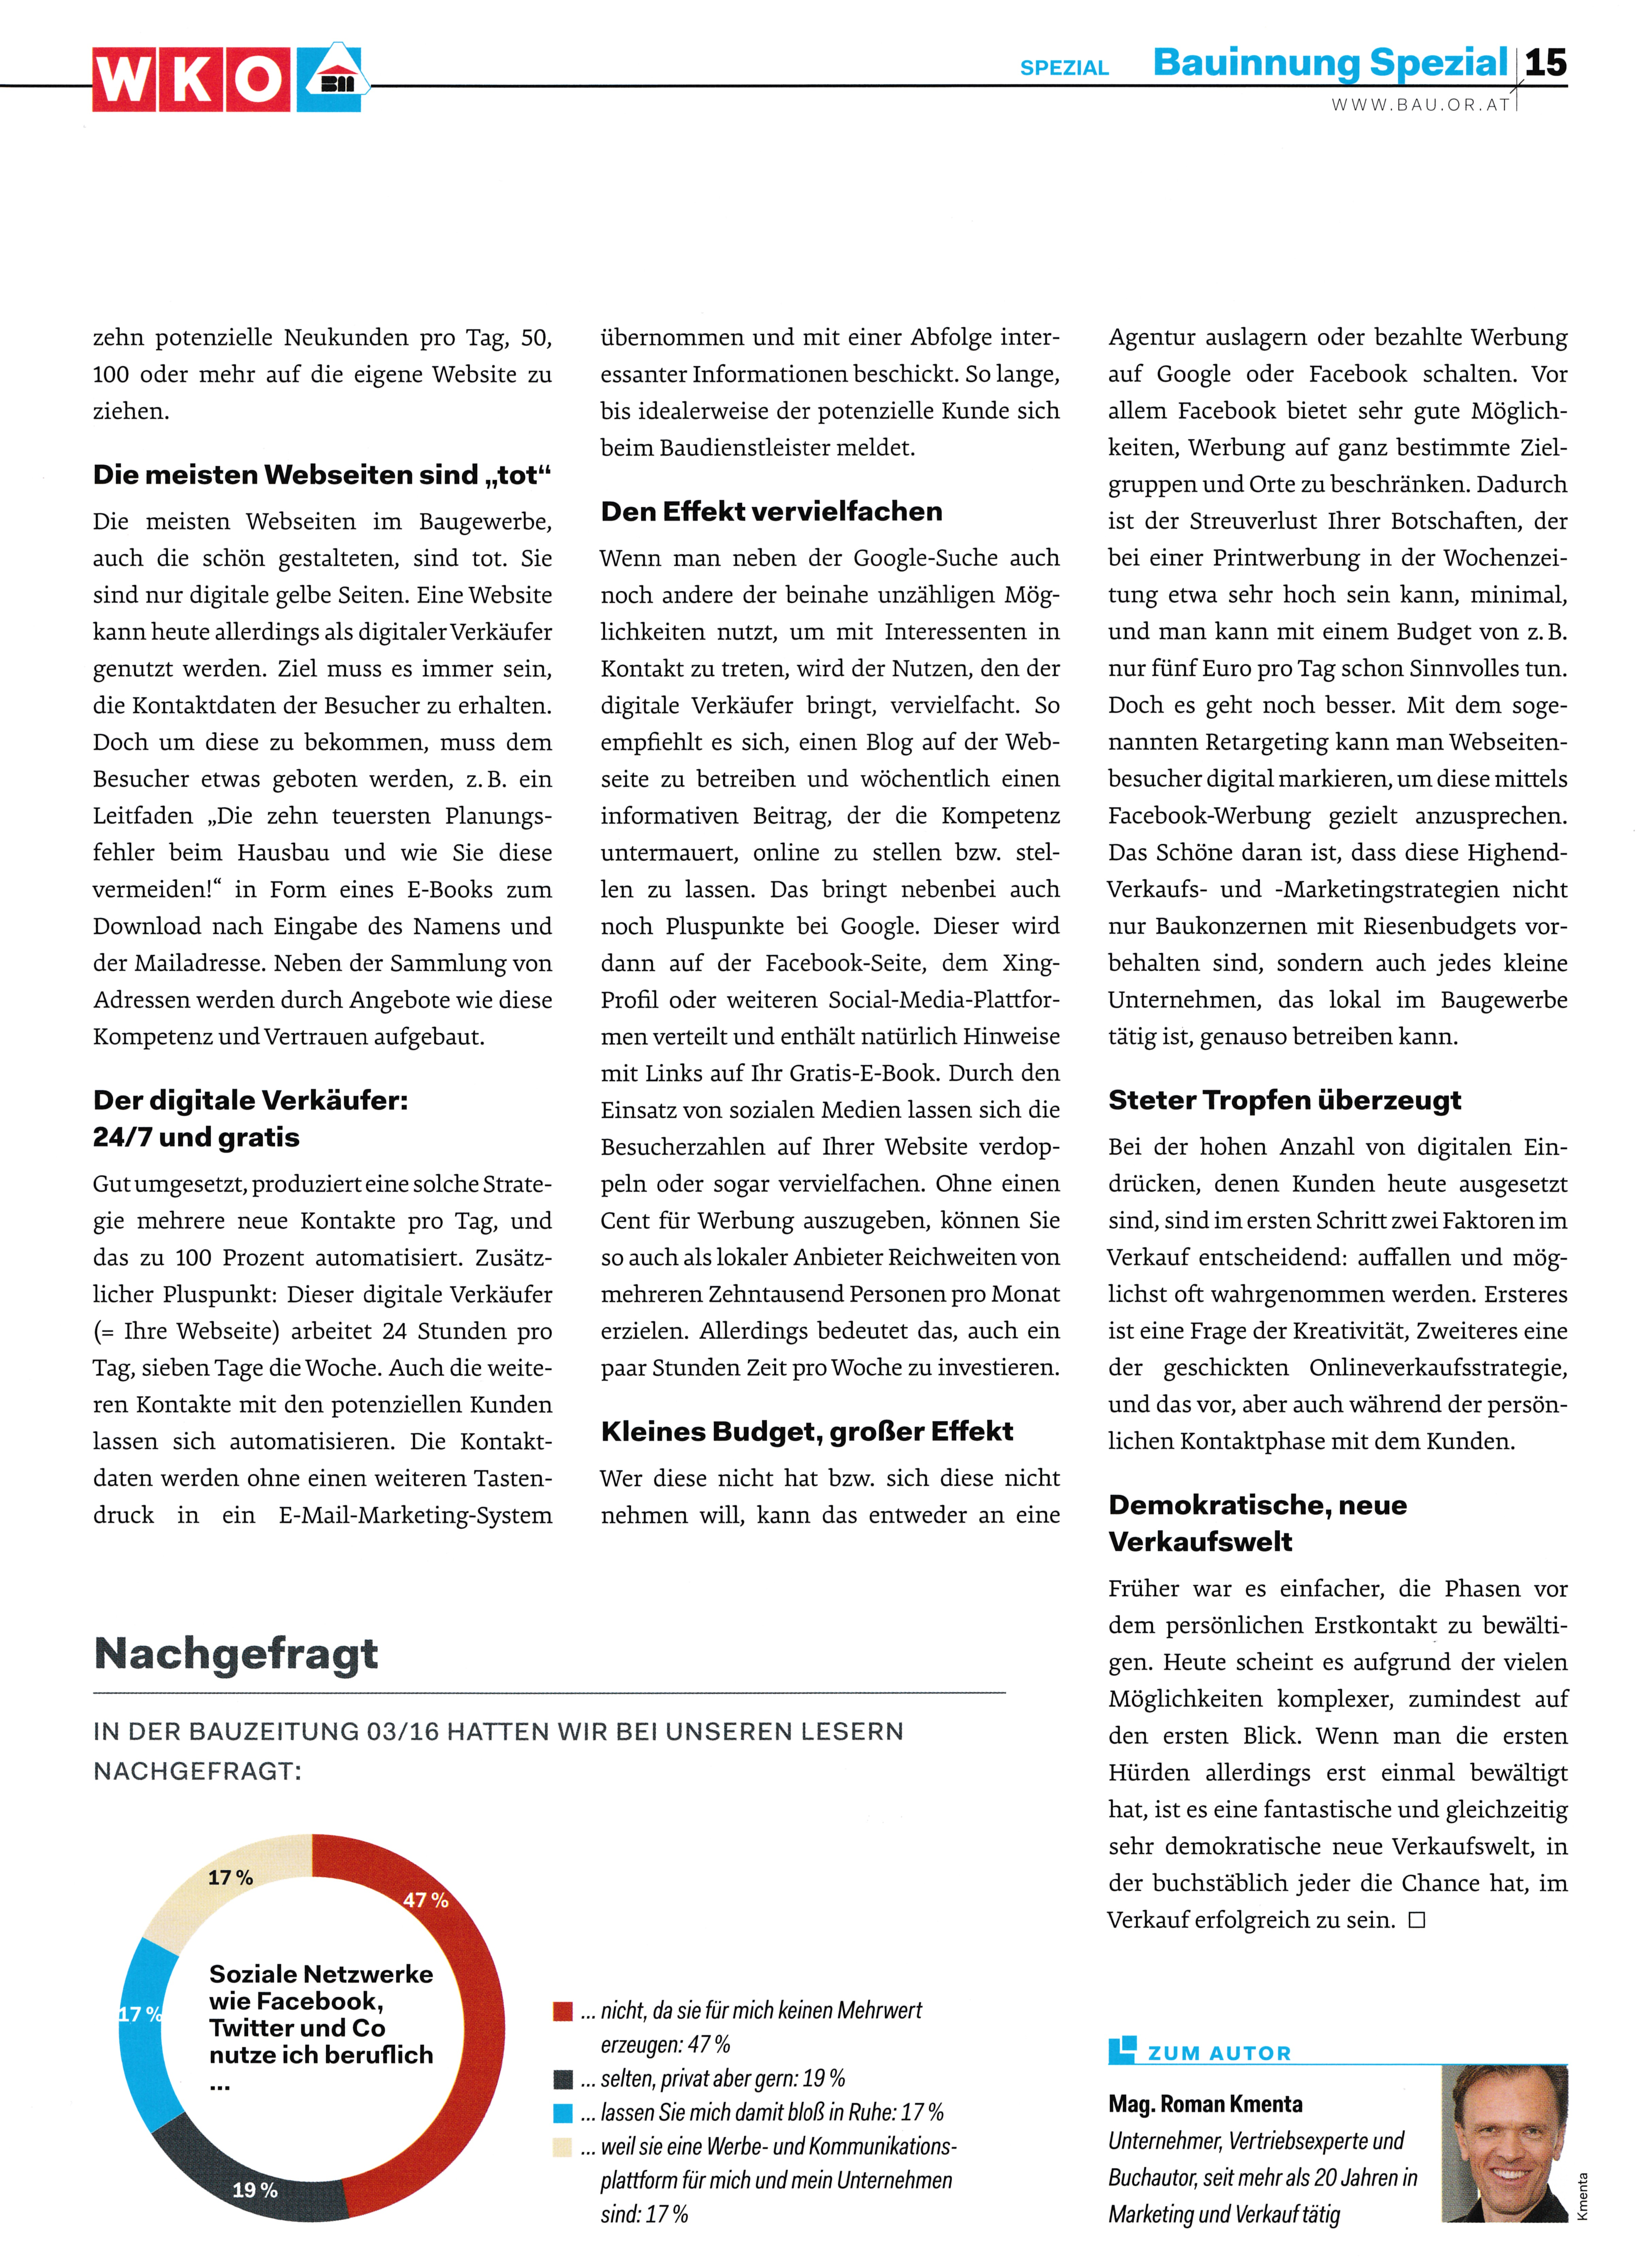 Österreichische Bauzeitung 1 _ 2016 - Roman Kmenta 3 - Autor und Keynote Speaker